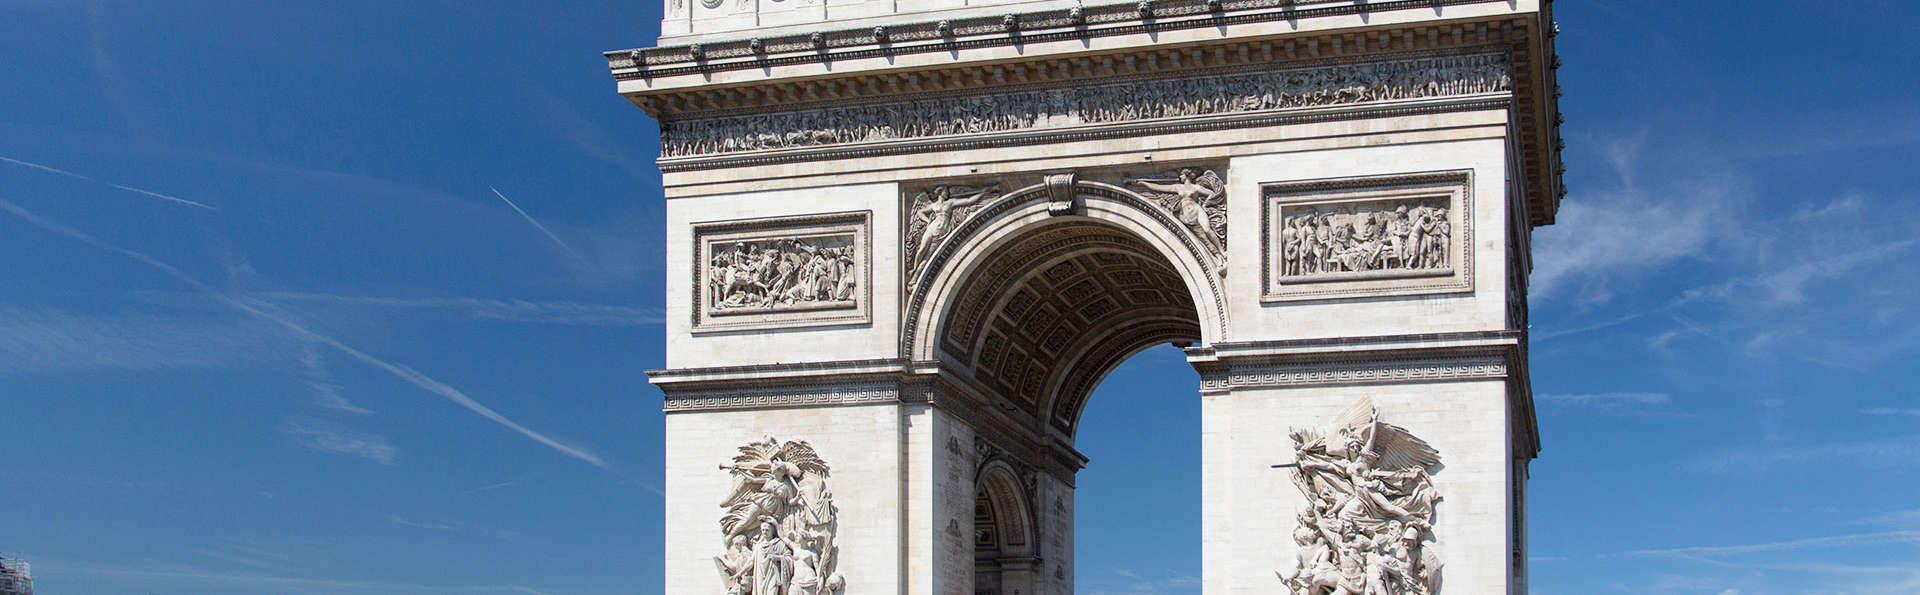 Profitez de votre séjour à Paris pour visiter l'Arc de Triomphe !